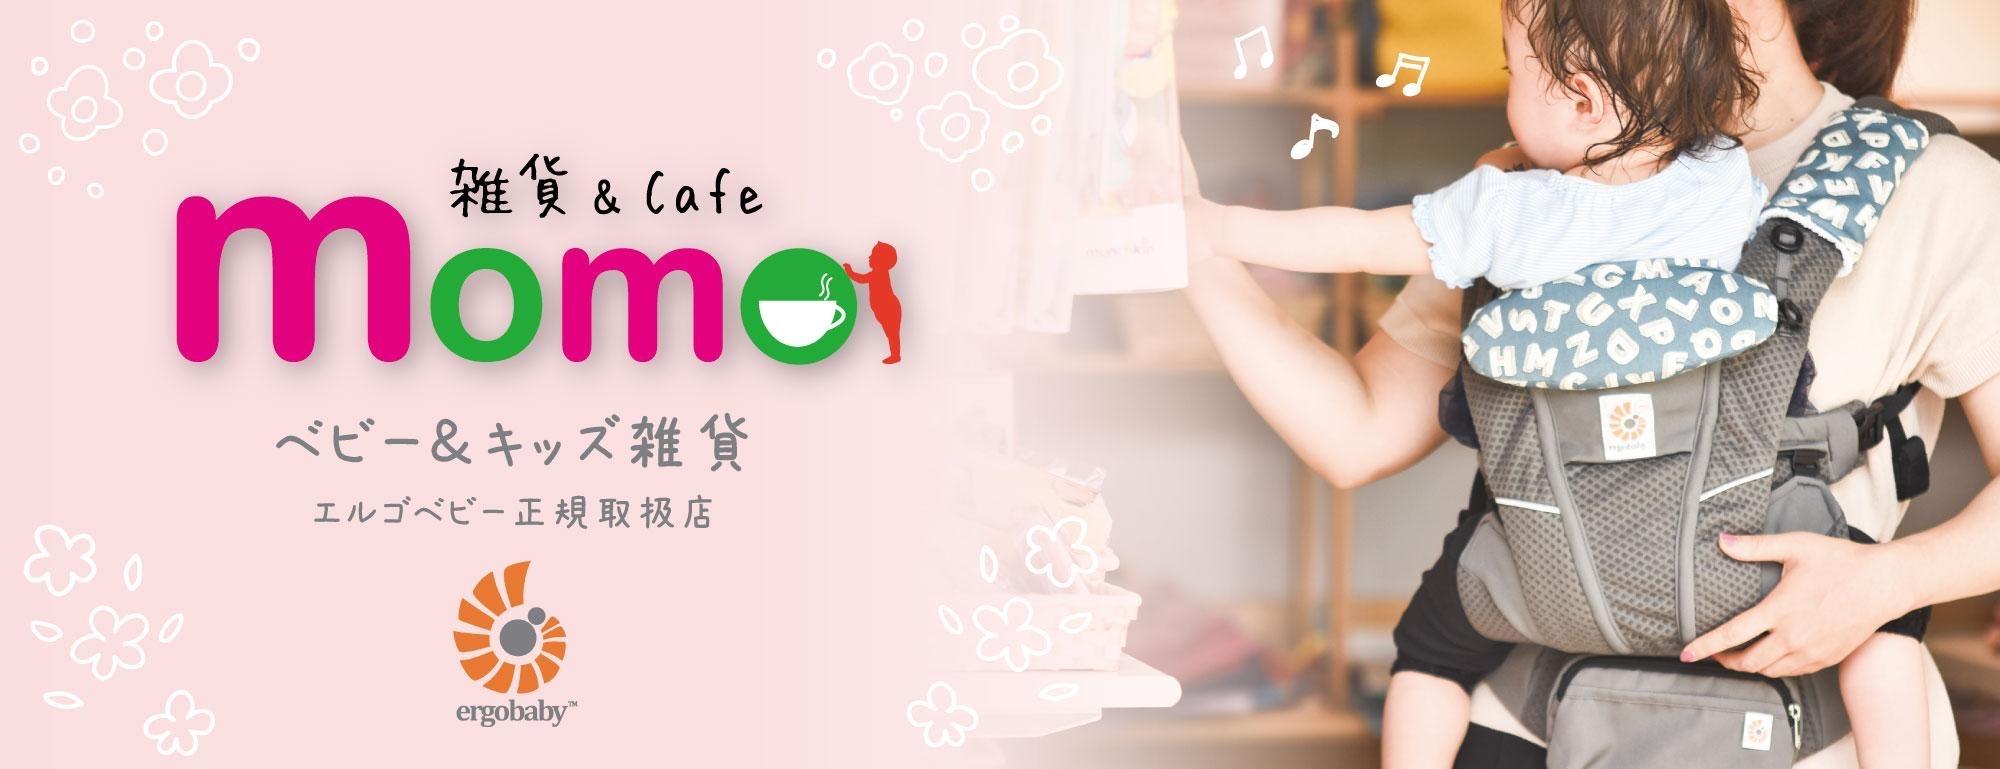 雑貨&カフェmomo紹介画像1